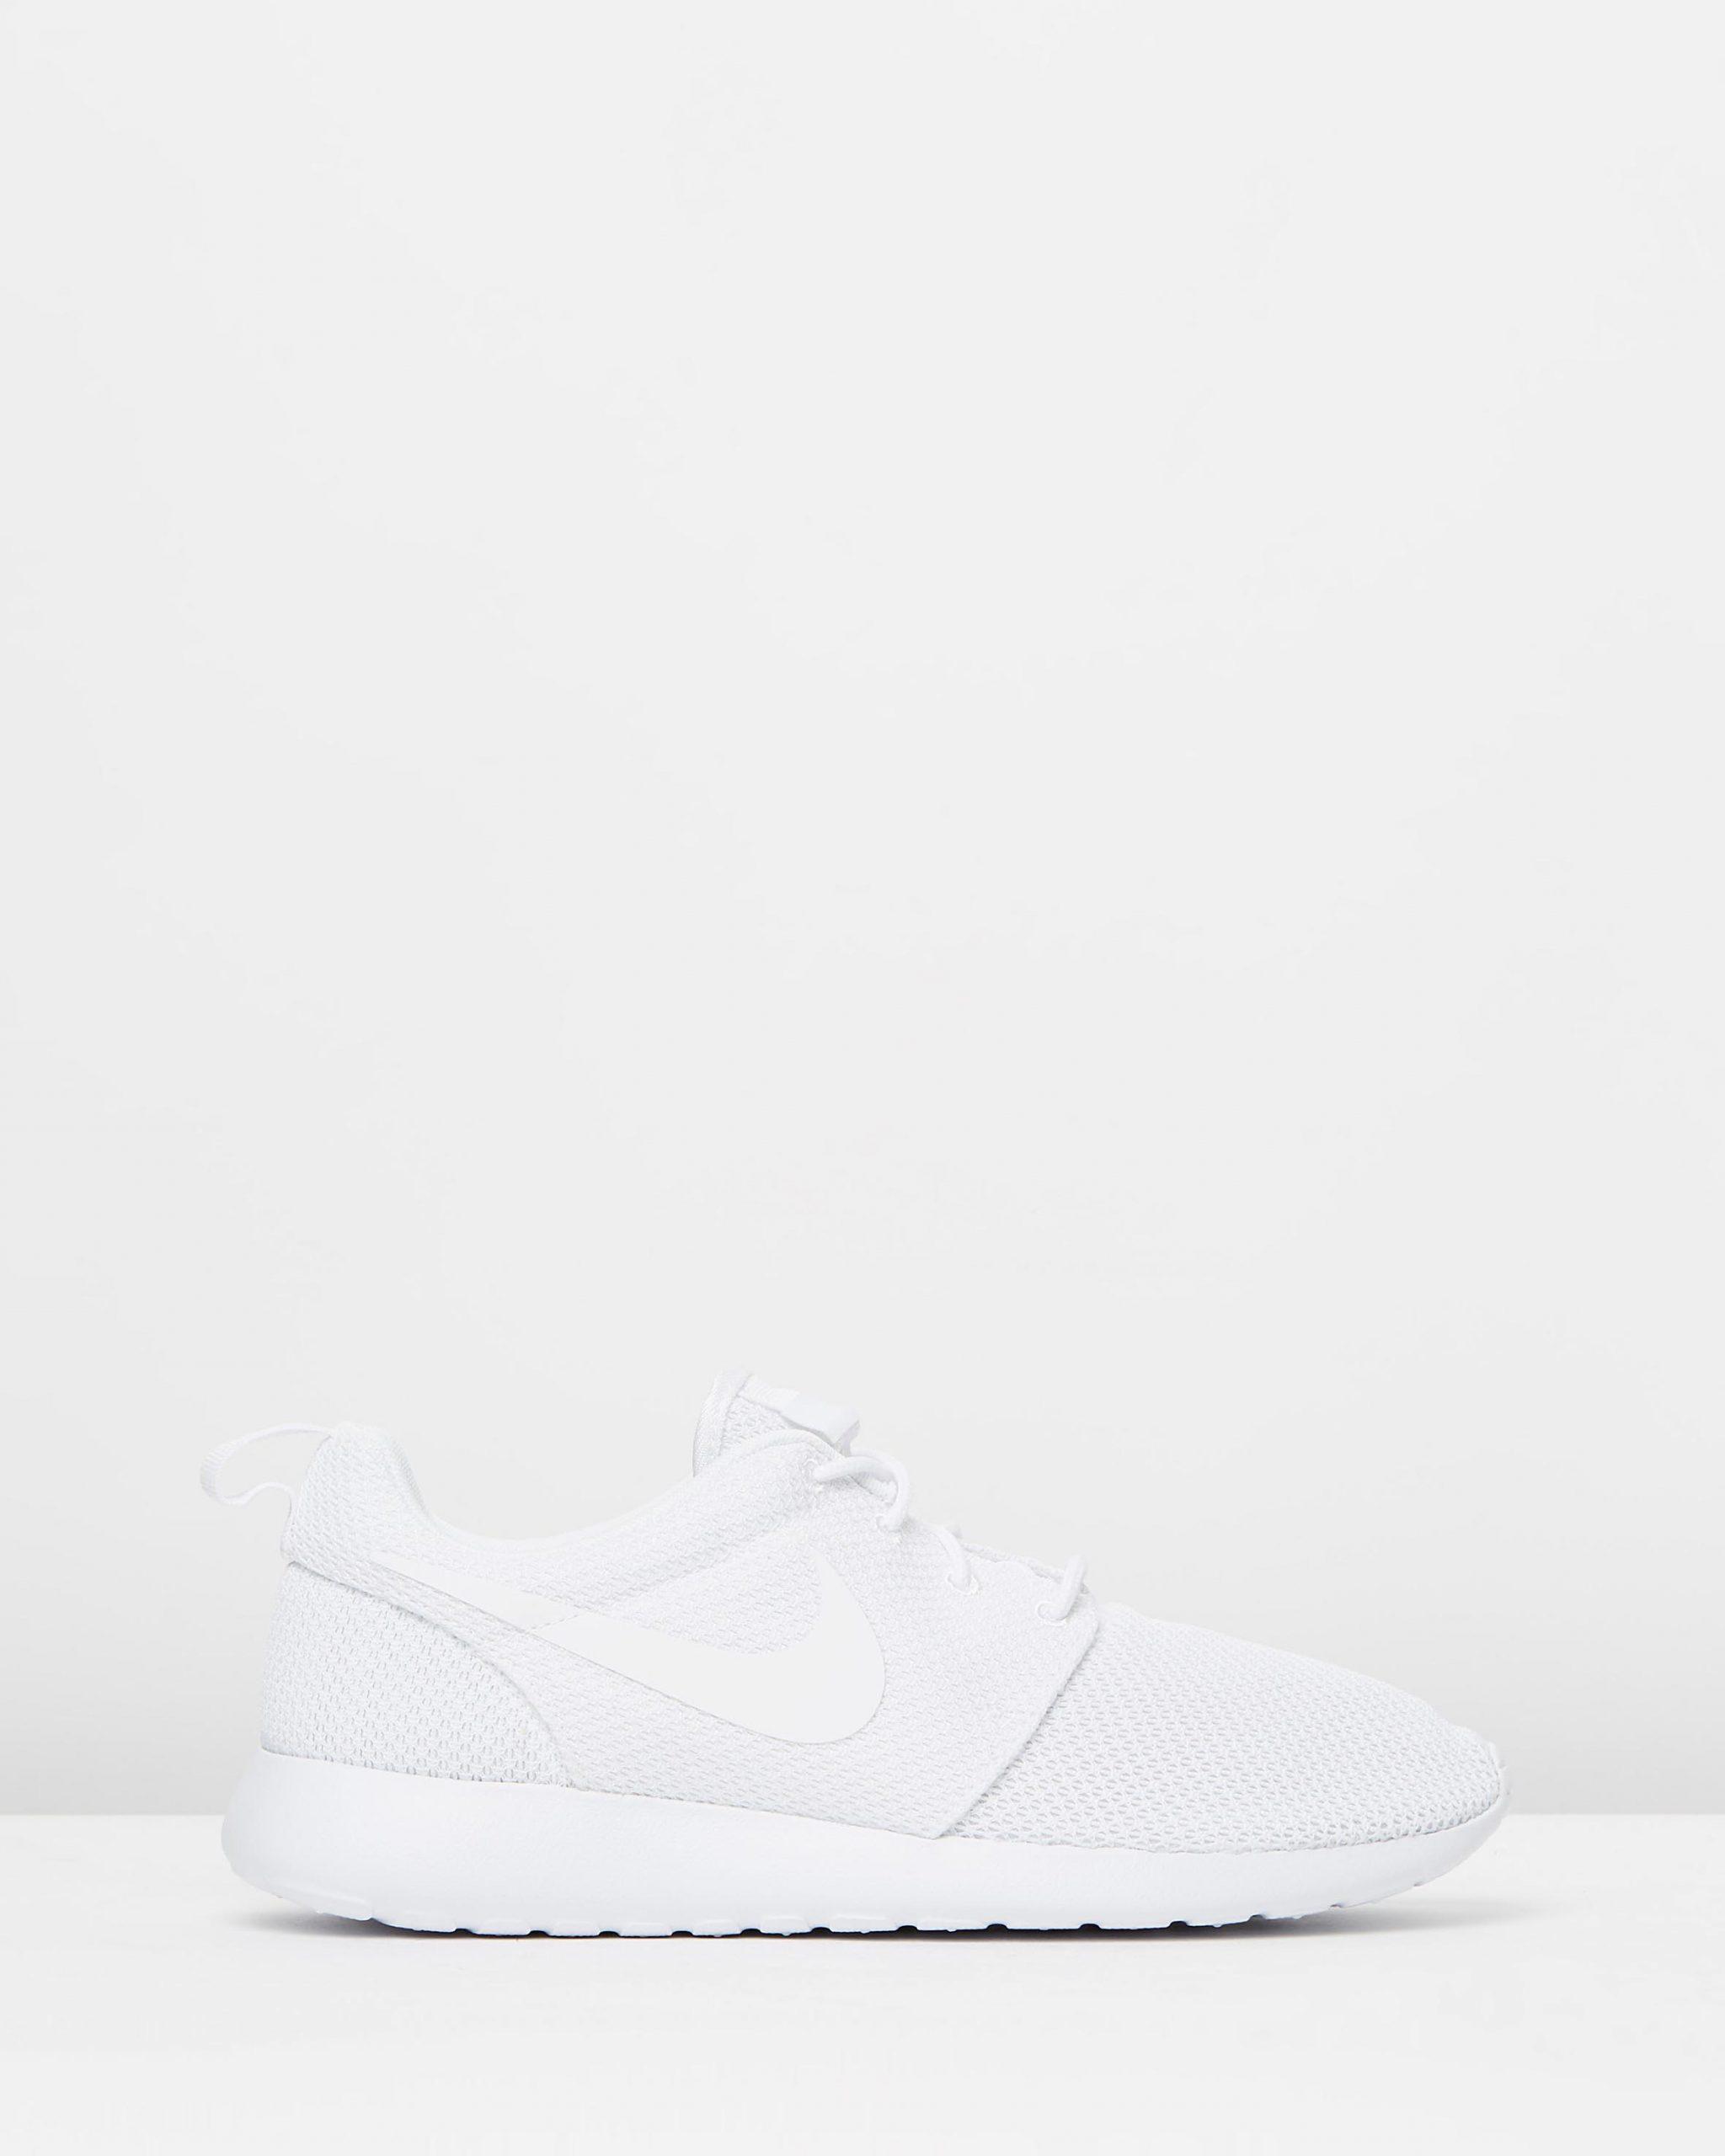 Nike Mens Roshe One White